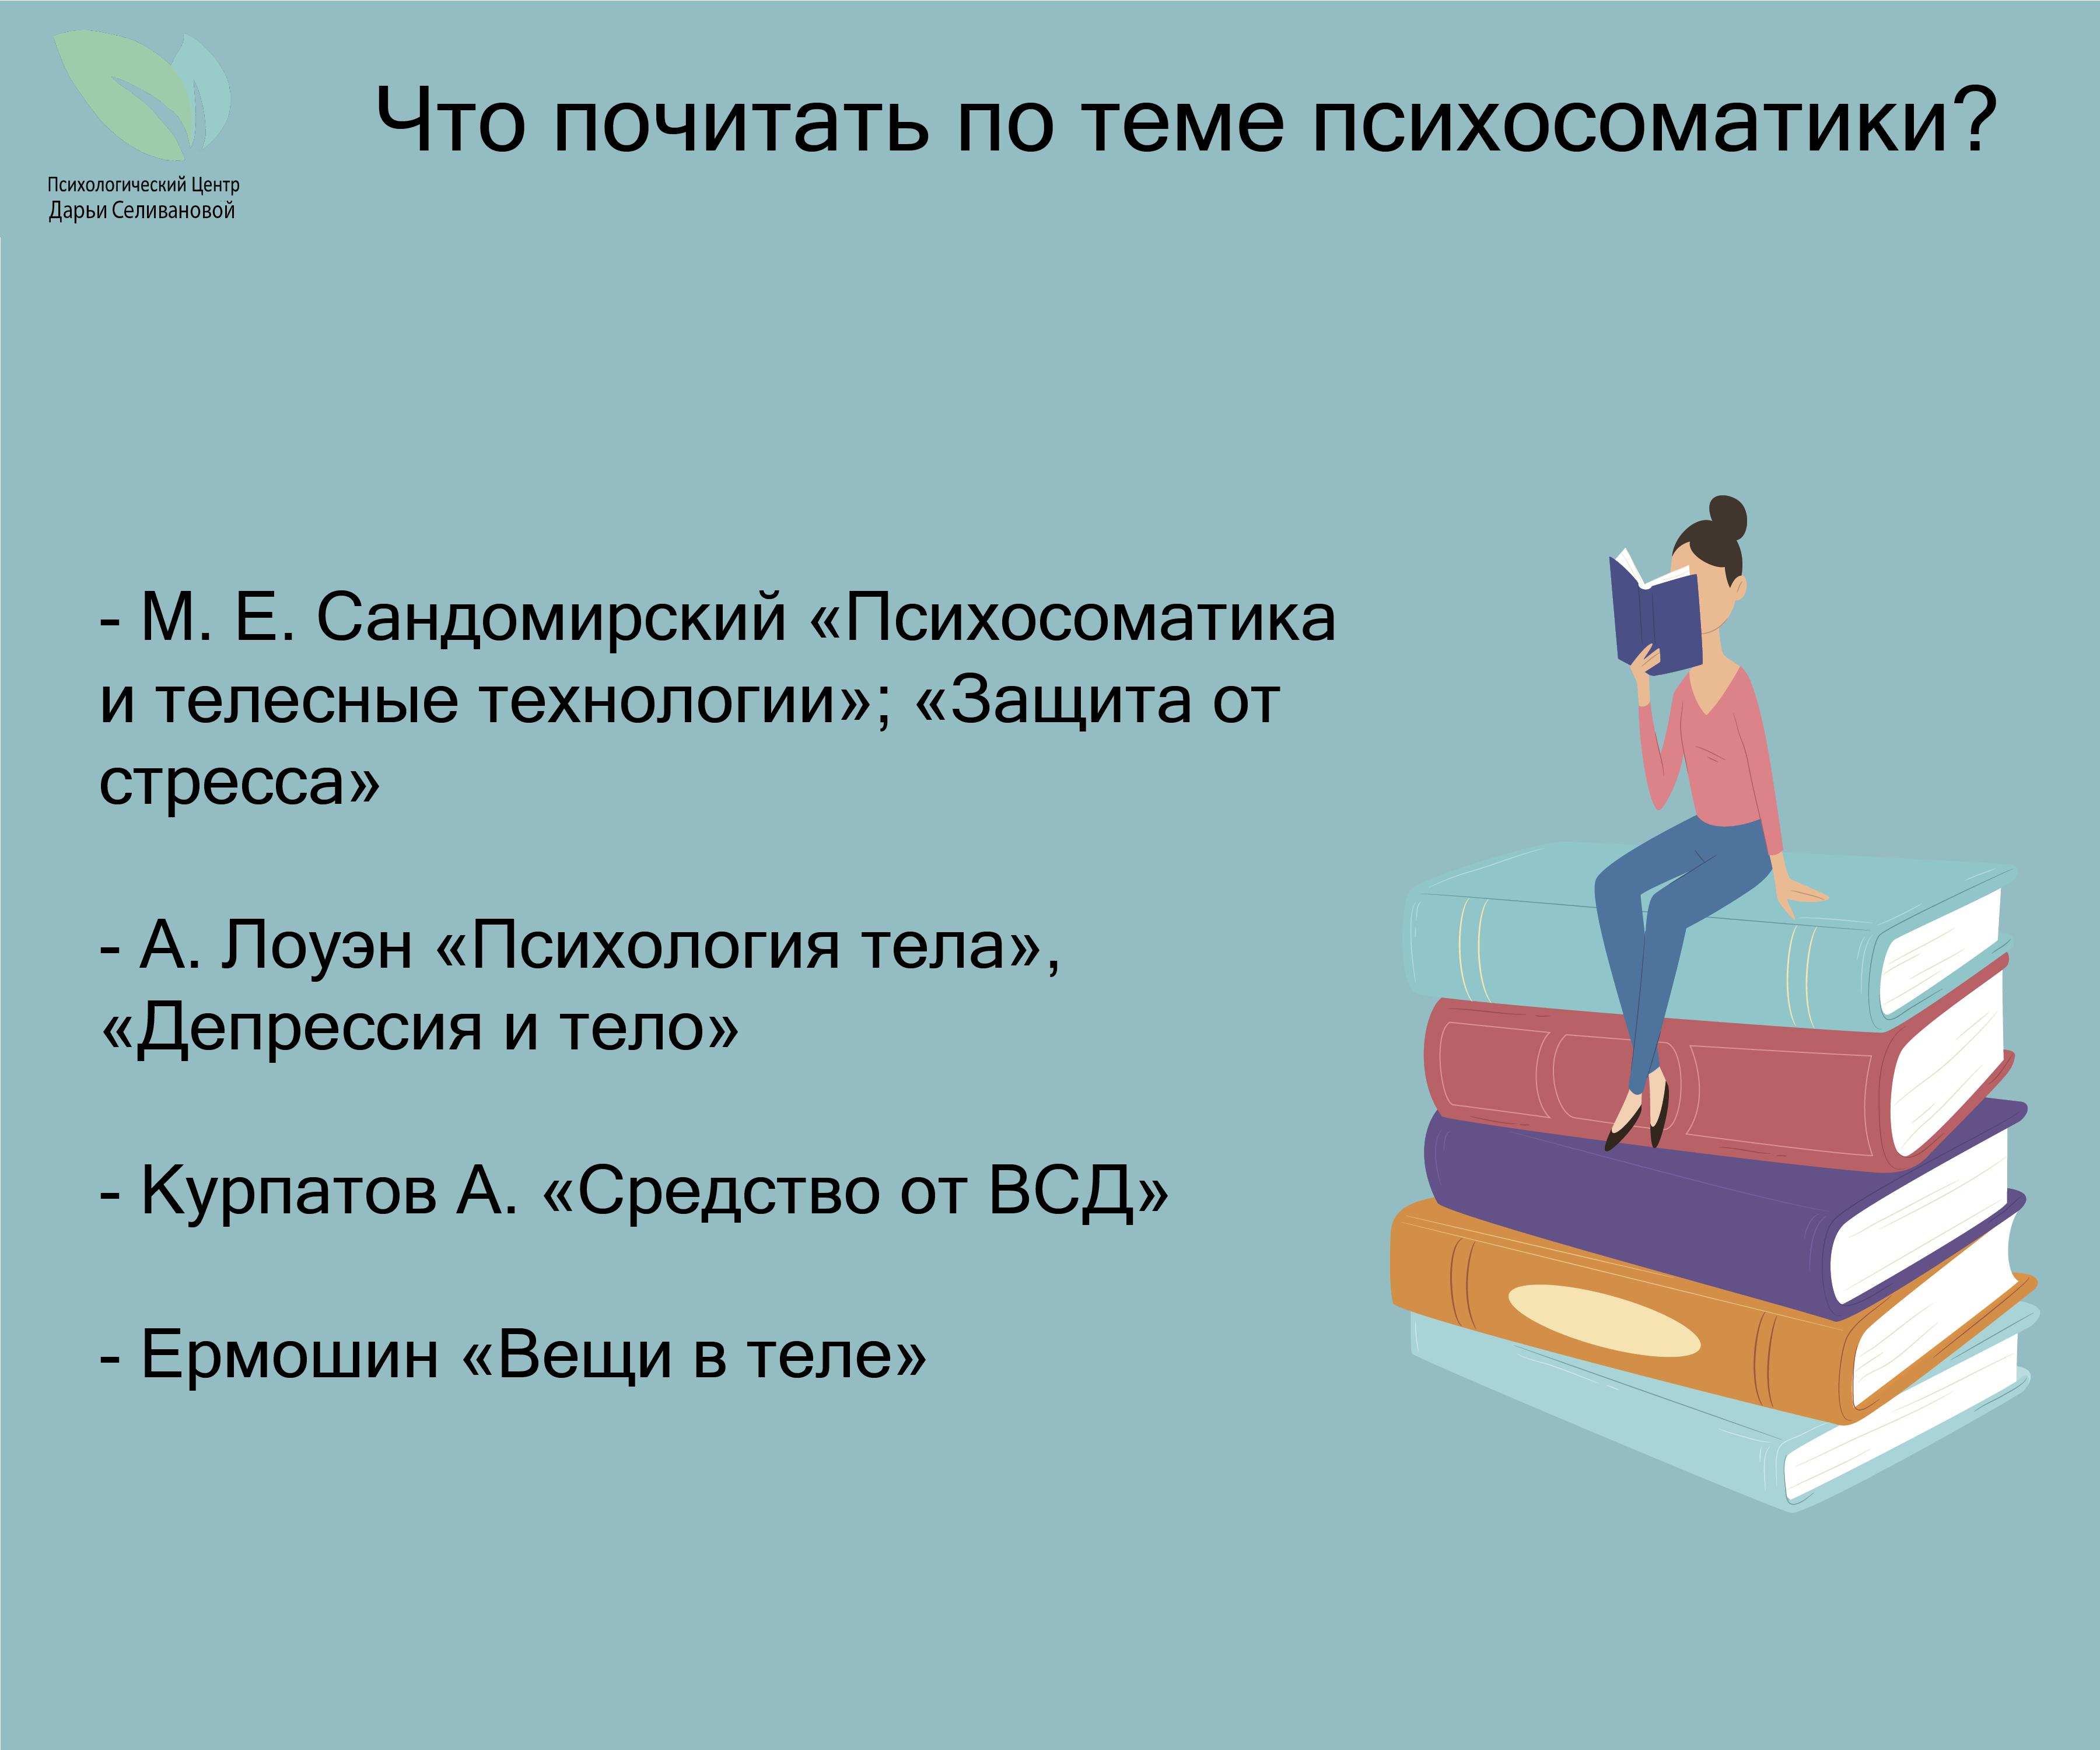 7 Что почитать по теме психосоматики